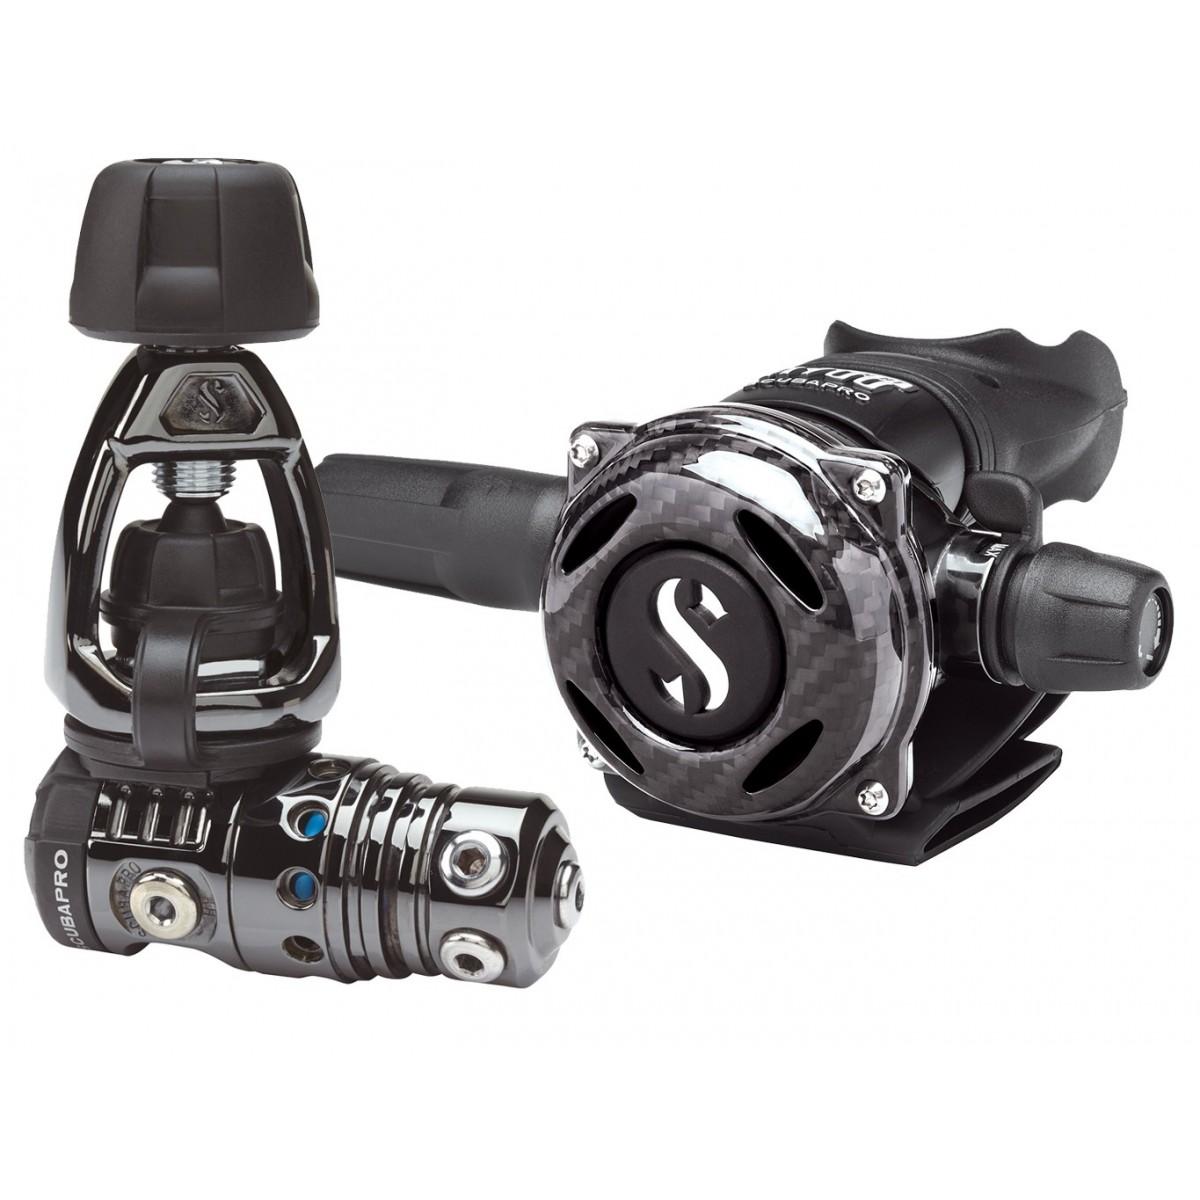 Scubapro MK25 EVO/A700 Carbon Black Tech Regulator - Yoke